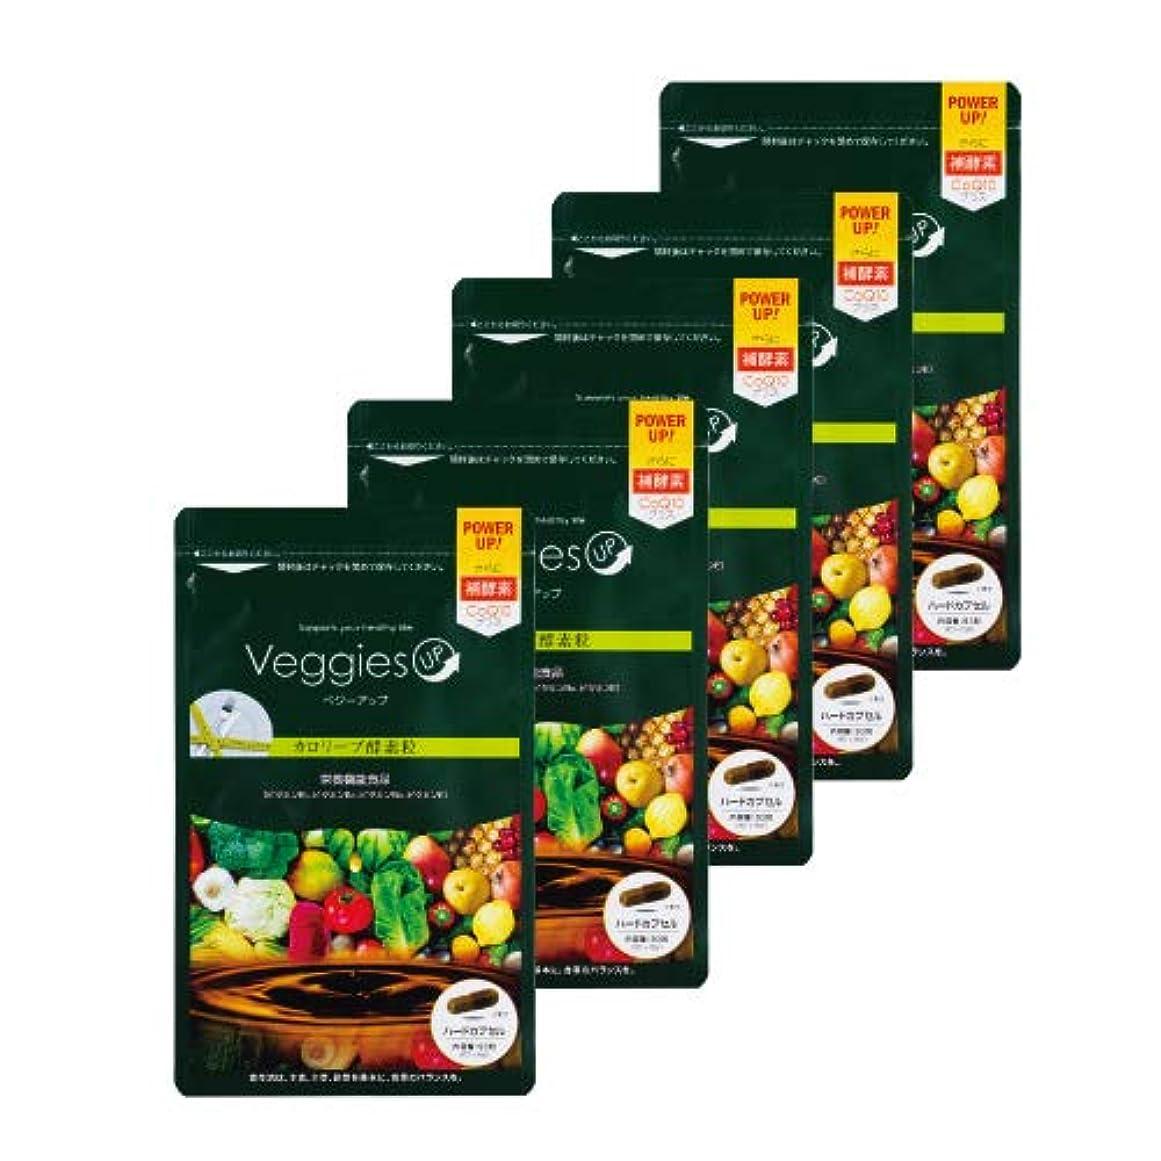 ターミナル推進司書ベジーアップ酵素粒カロリーブ 93粒 5袋セット ダイエット 酵素サプリ 酵素ダイエット サラシア コエンザイムQ10 竹炭